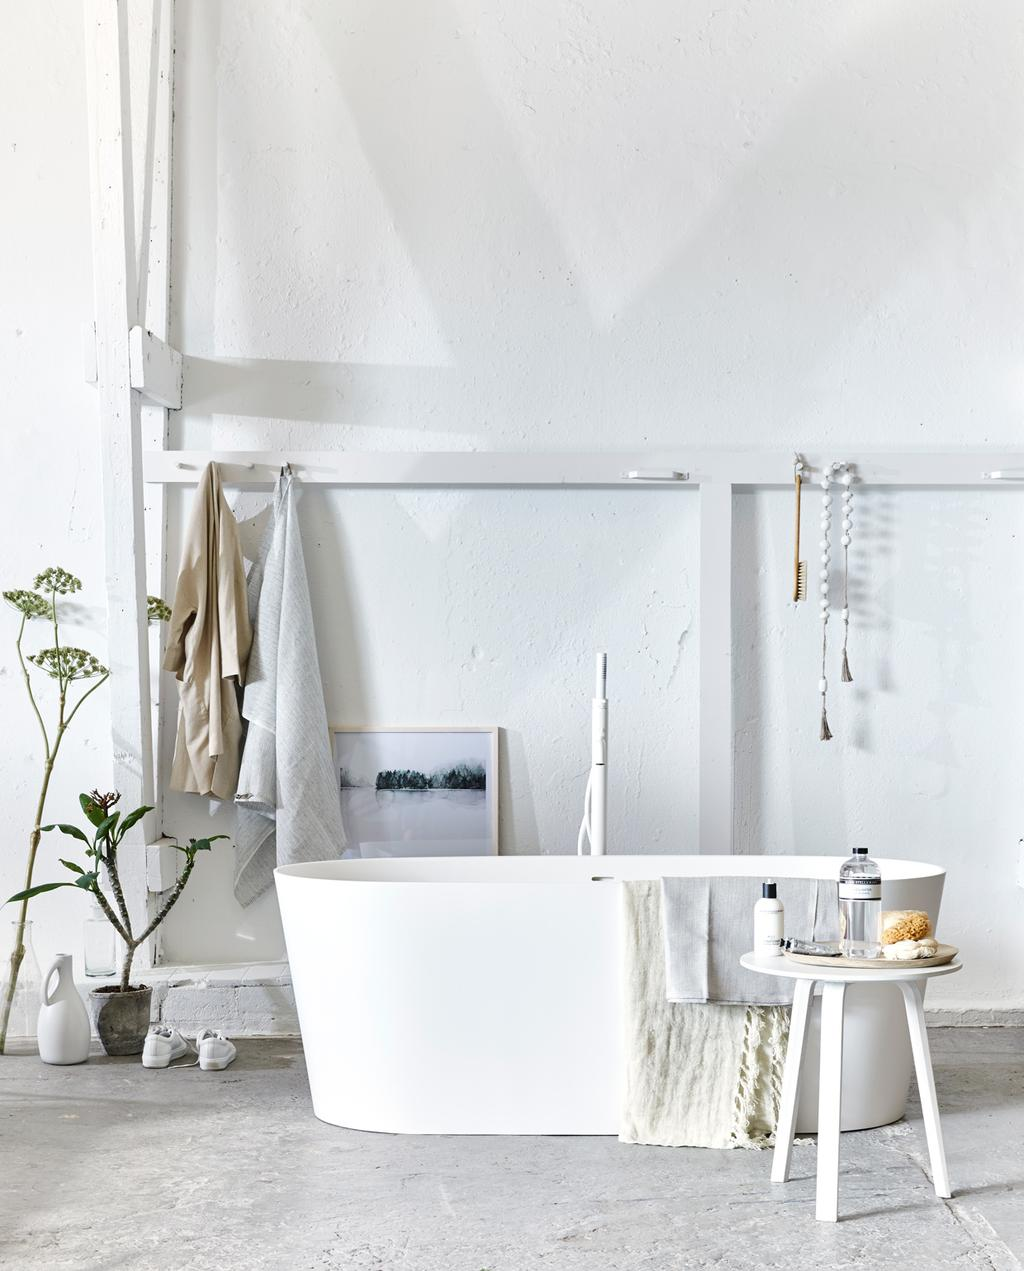 basic witte badkamer met moderne badkuip |  Fotografie Jeroen van der Spek, styling Cleo Scheulderman